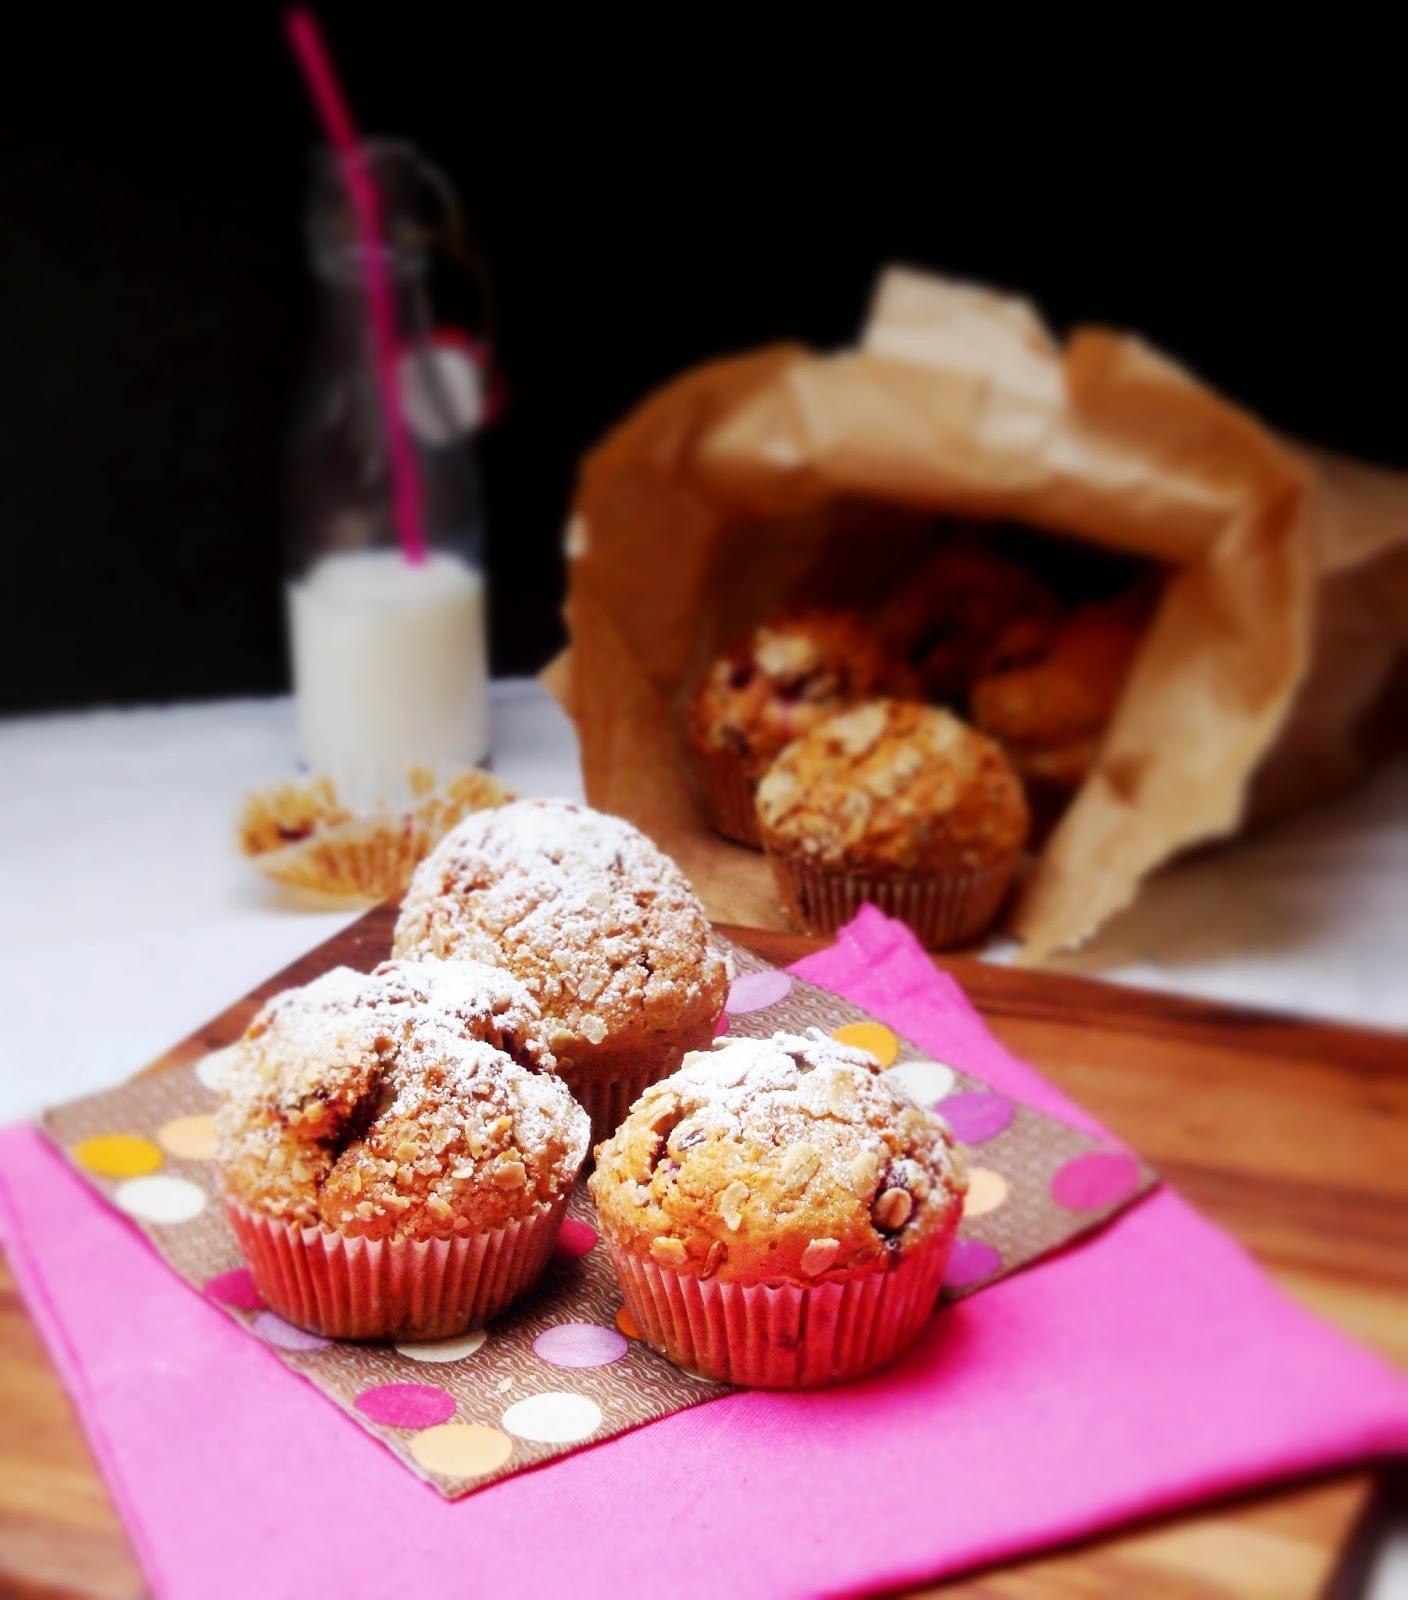 Muffins au yaourt, framboises et flocons d'avoine